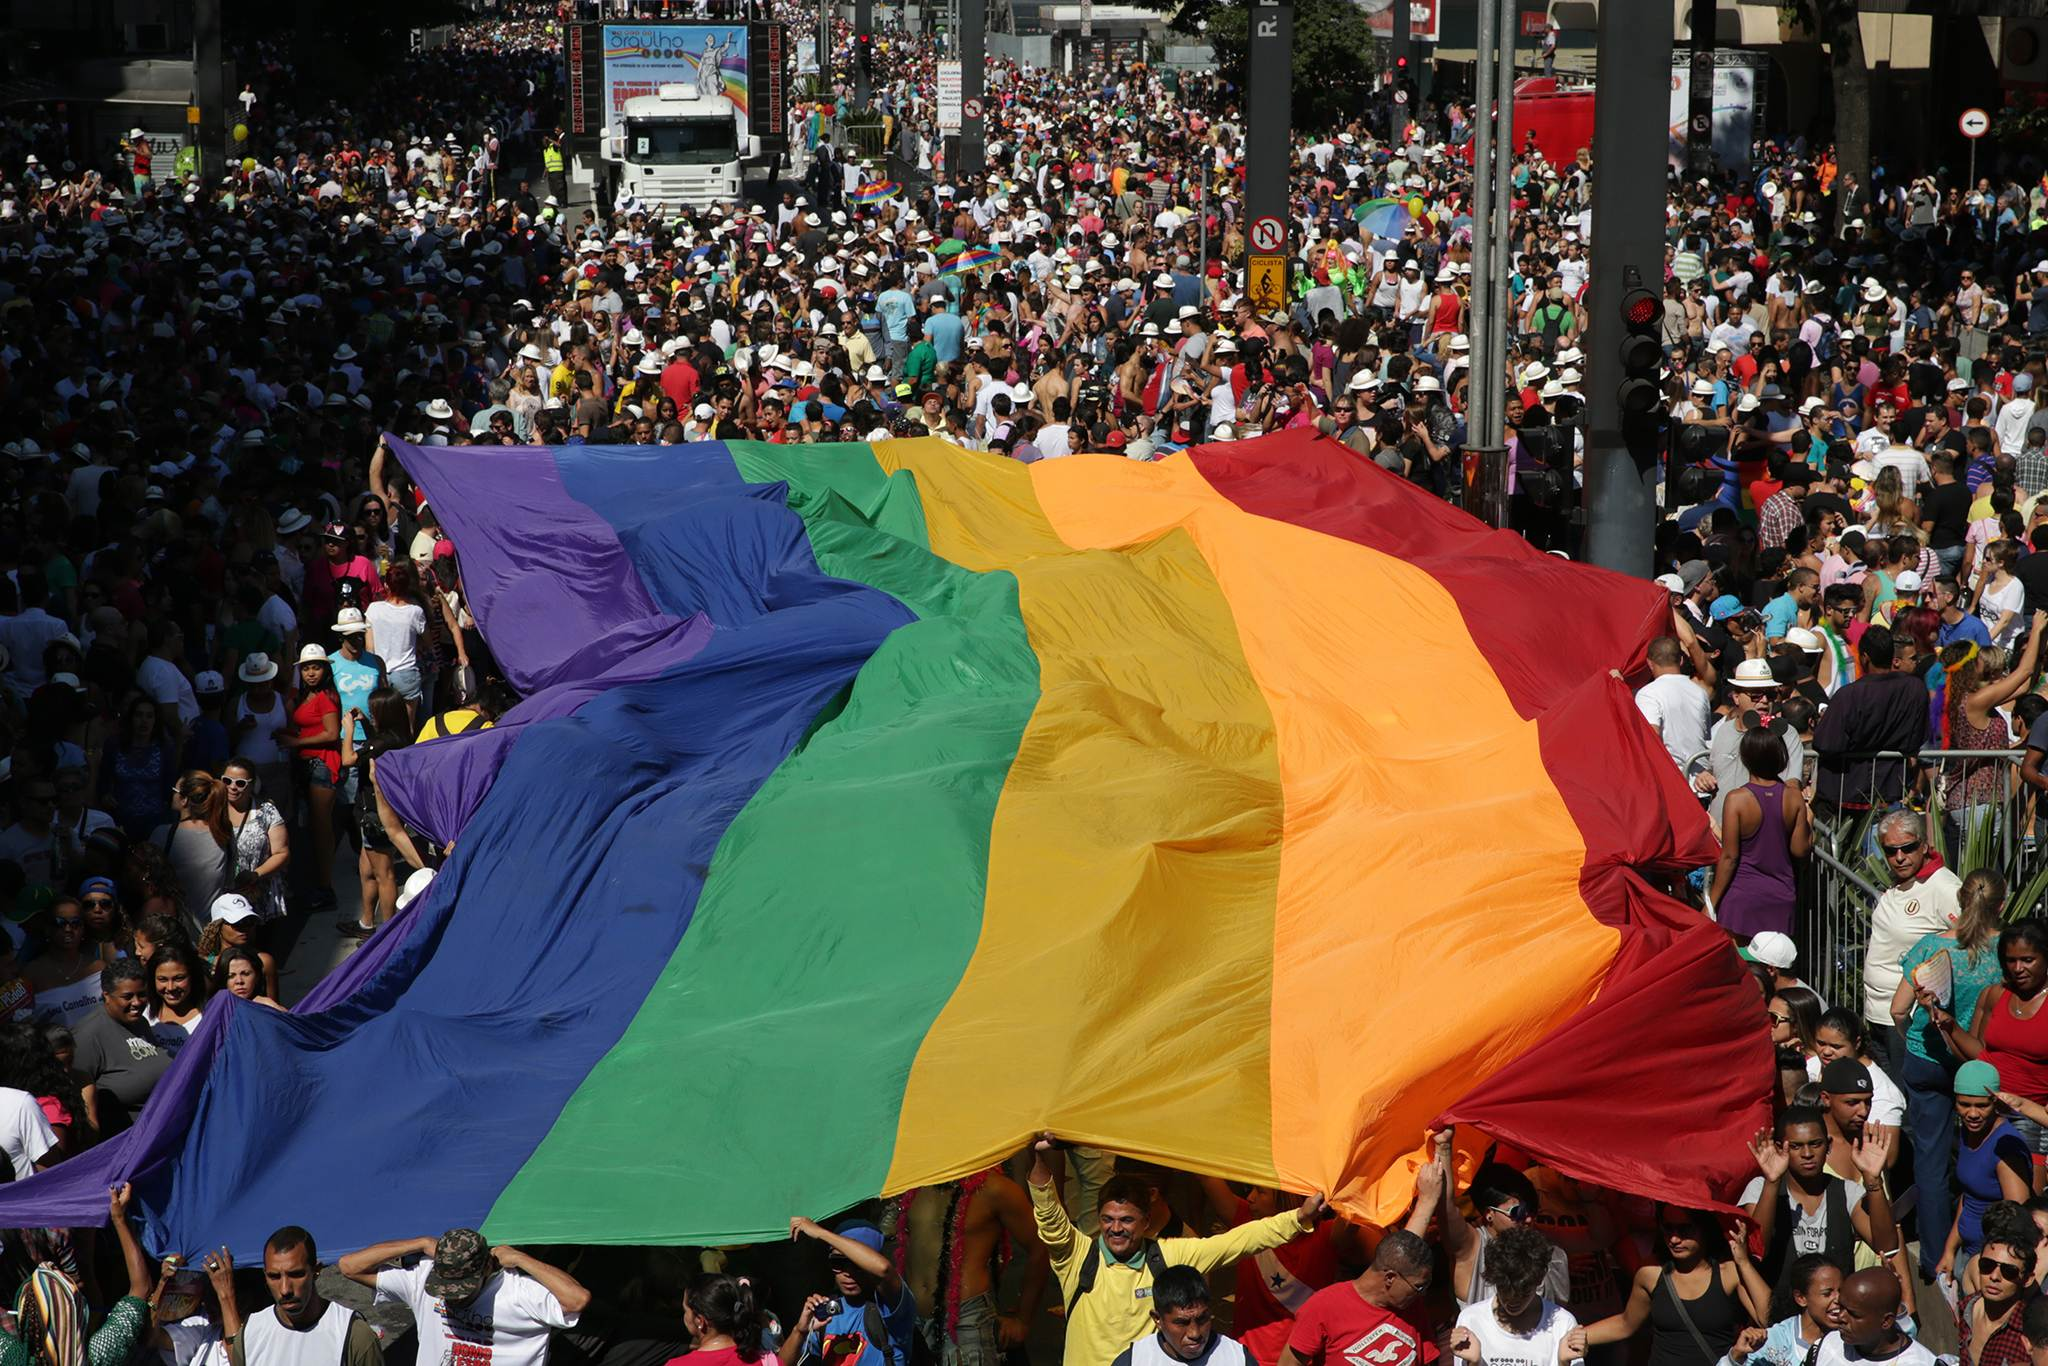 Parada do Orgulho LGBT 2018 em Goiânia prevê reunir até 100 mil participantes | Foto: Reprodução